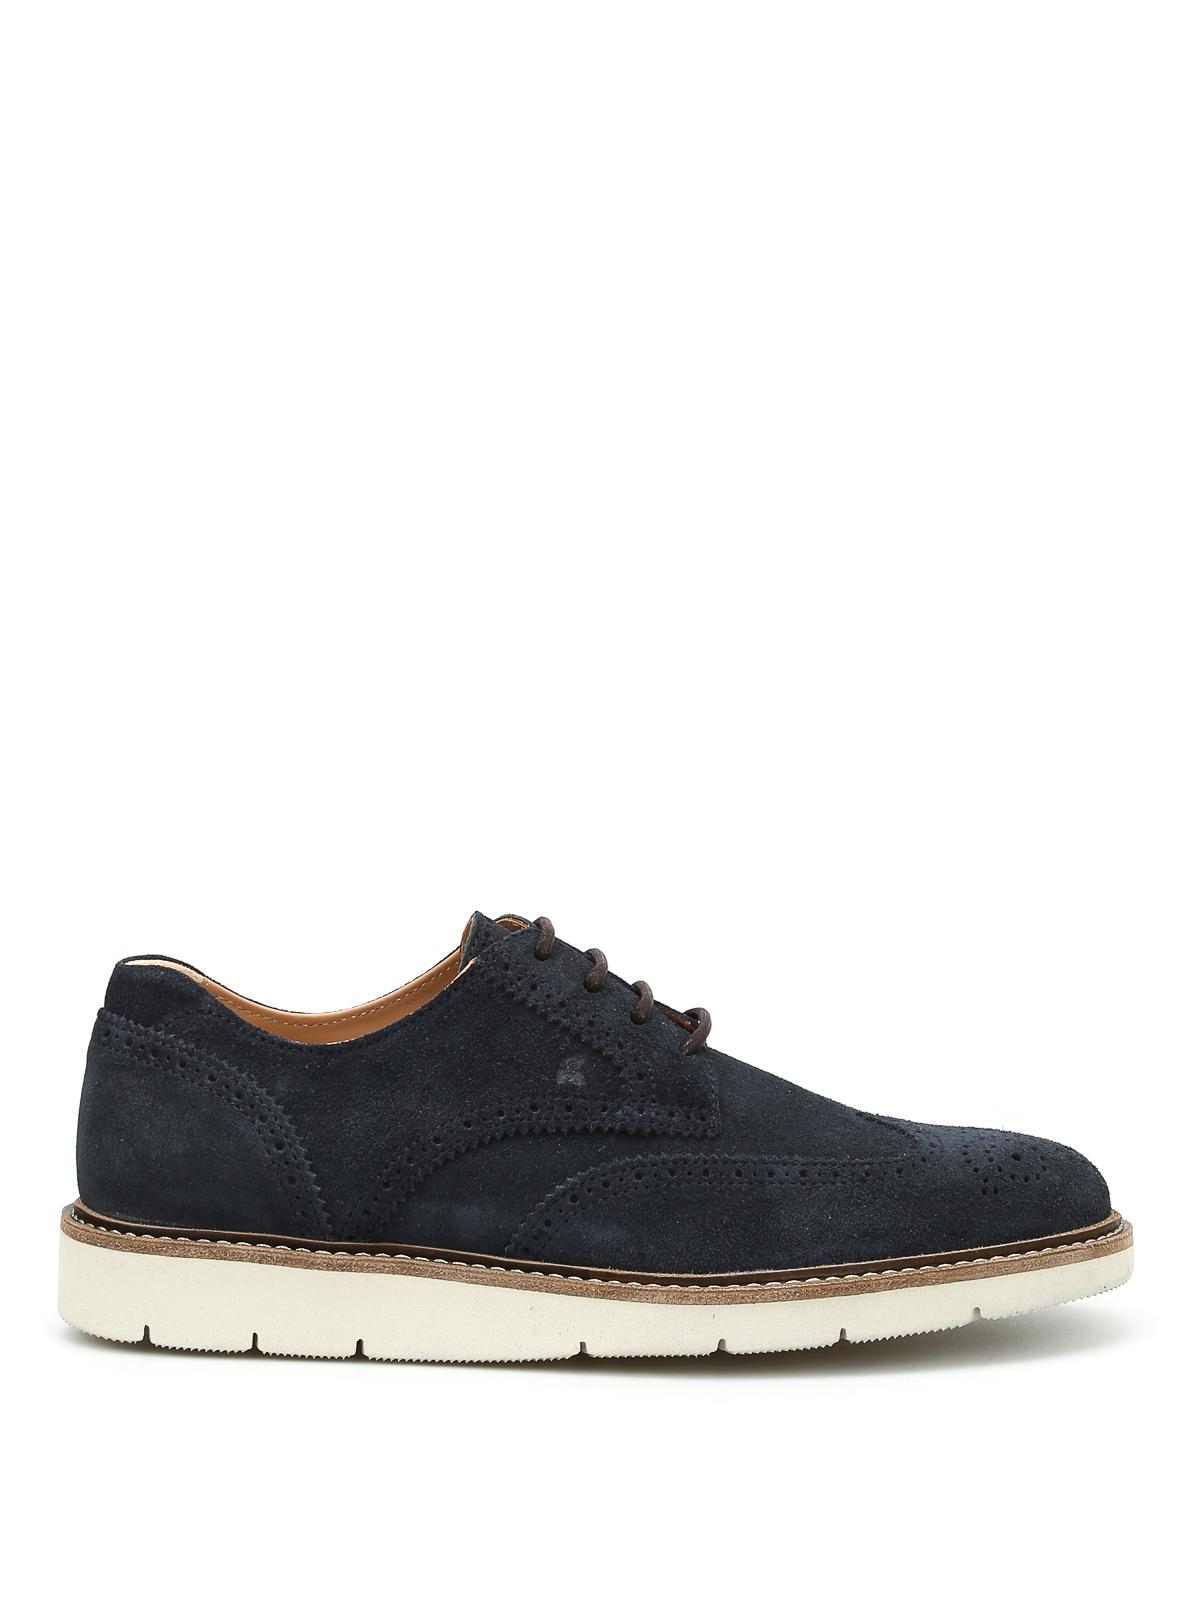 Hogan - Dress X H322 suede Derby - lace-ups shoes - HXM3220Y210B58U215